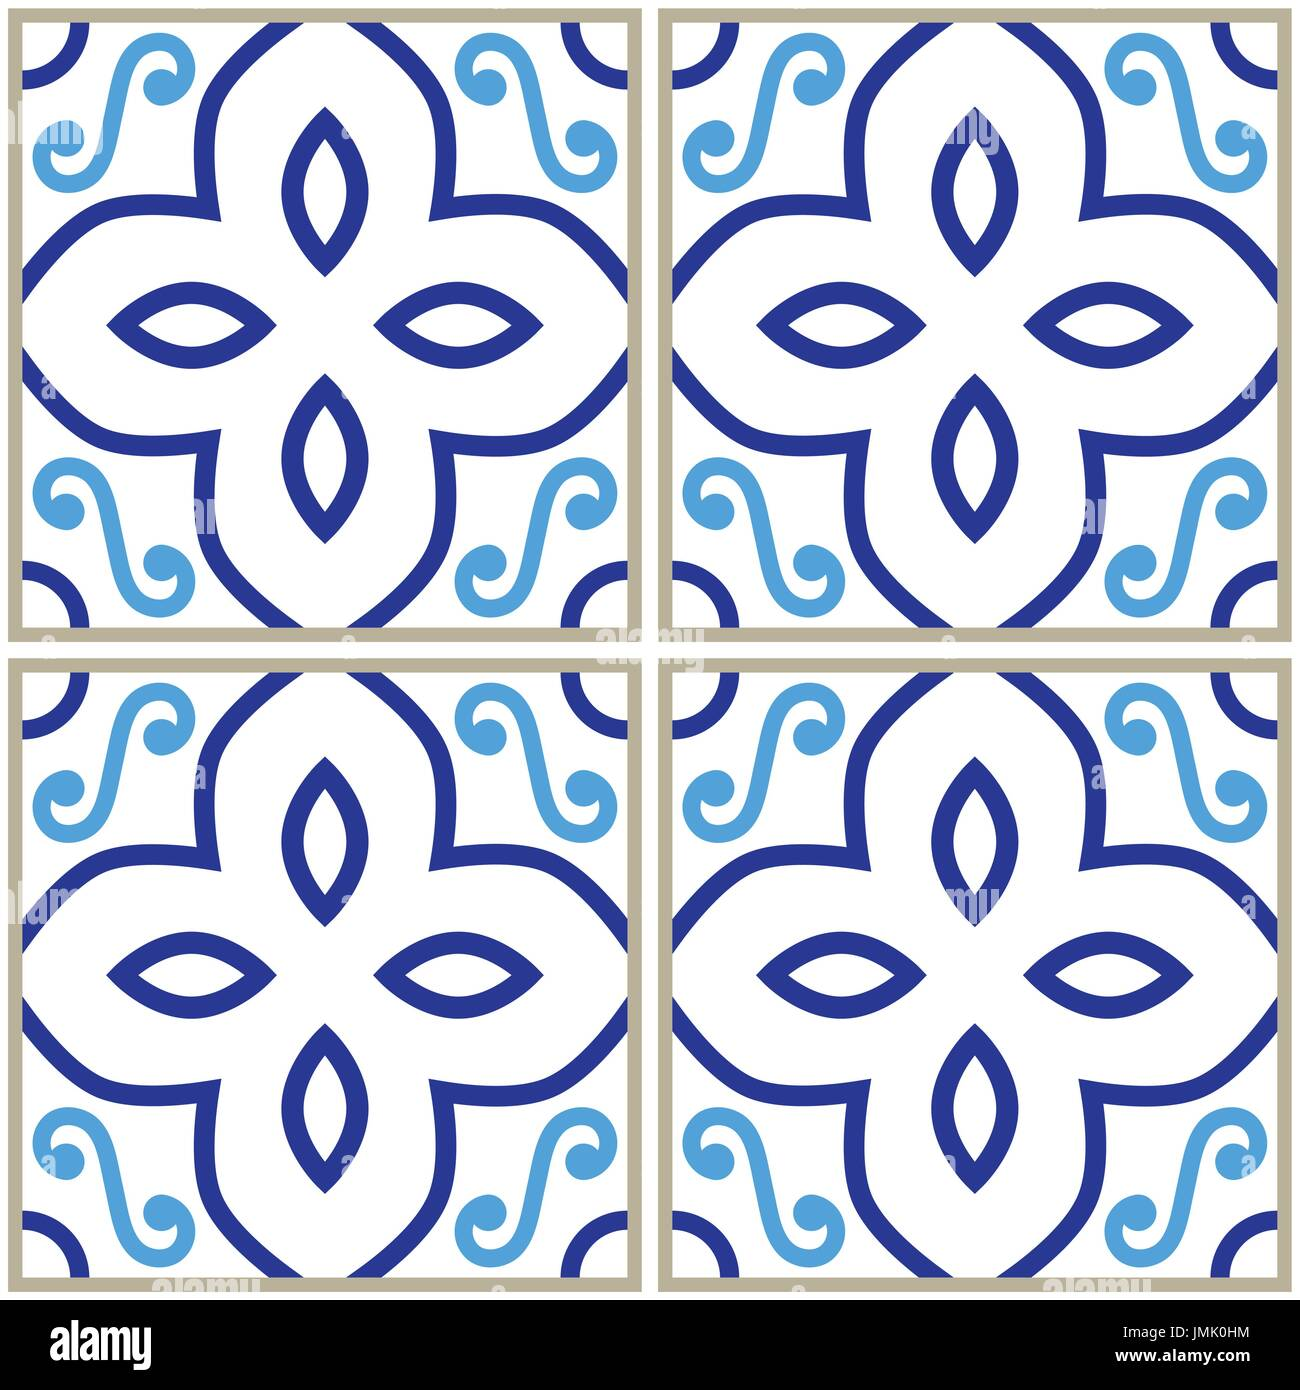 Fliesen Muster, Spanischen Oder Portugiesischen Fliesen Blau Hinterlegt,  Geometrischen Mustern